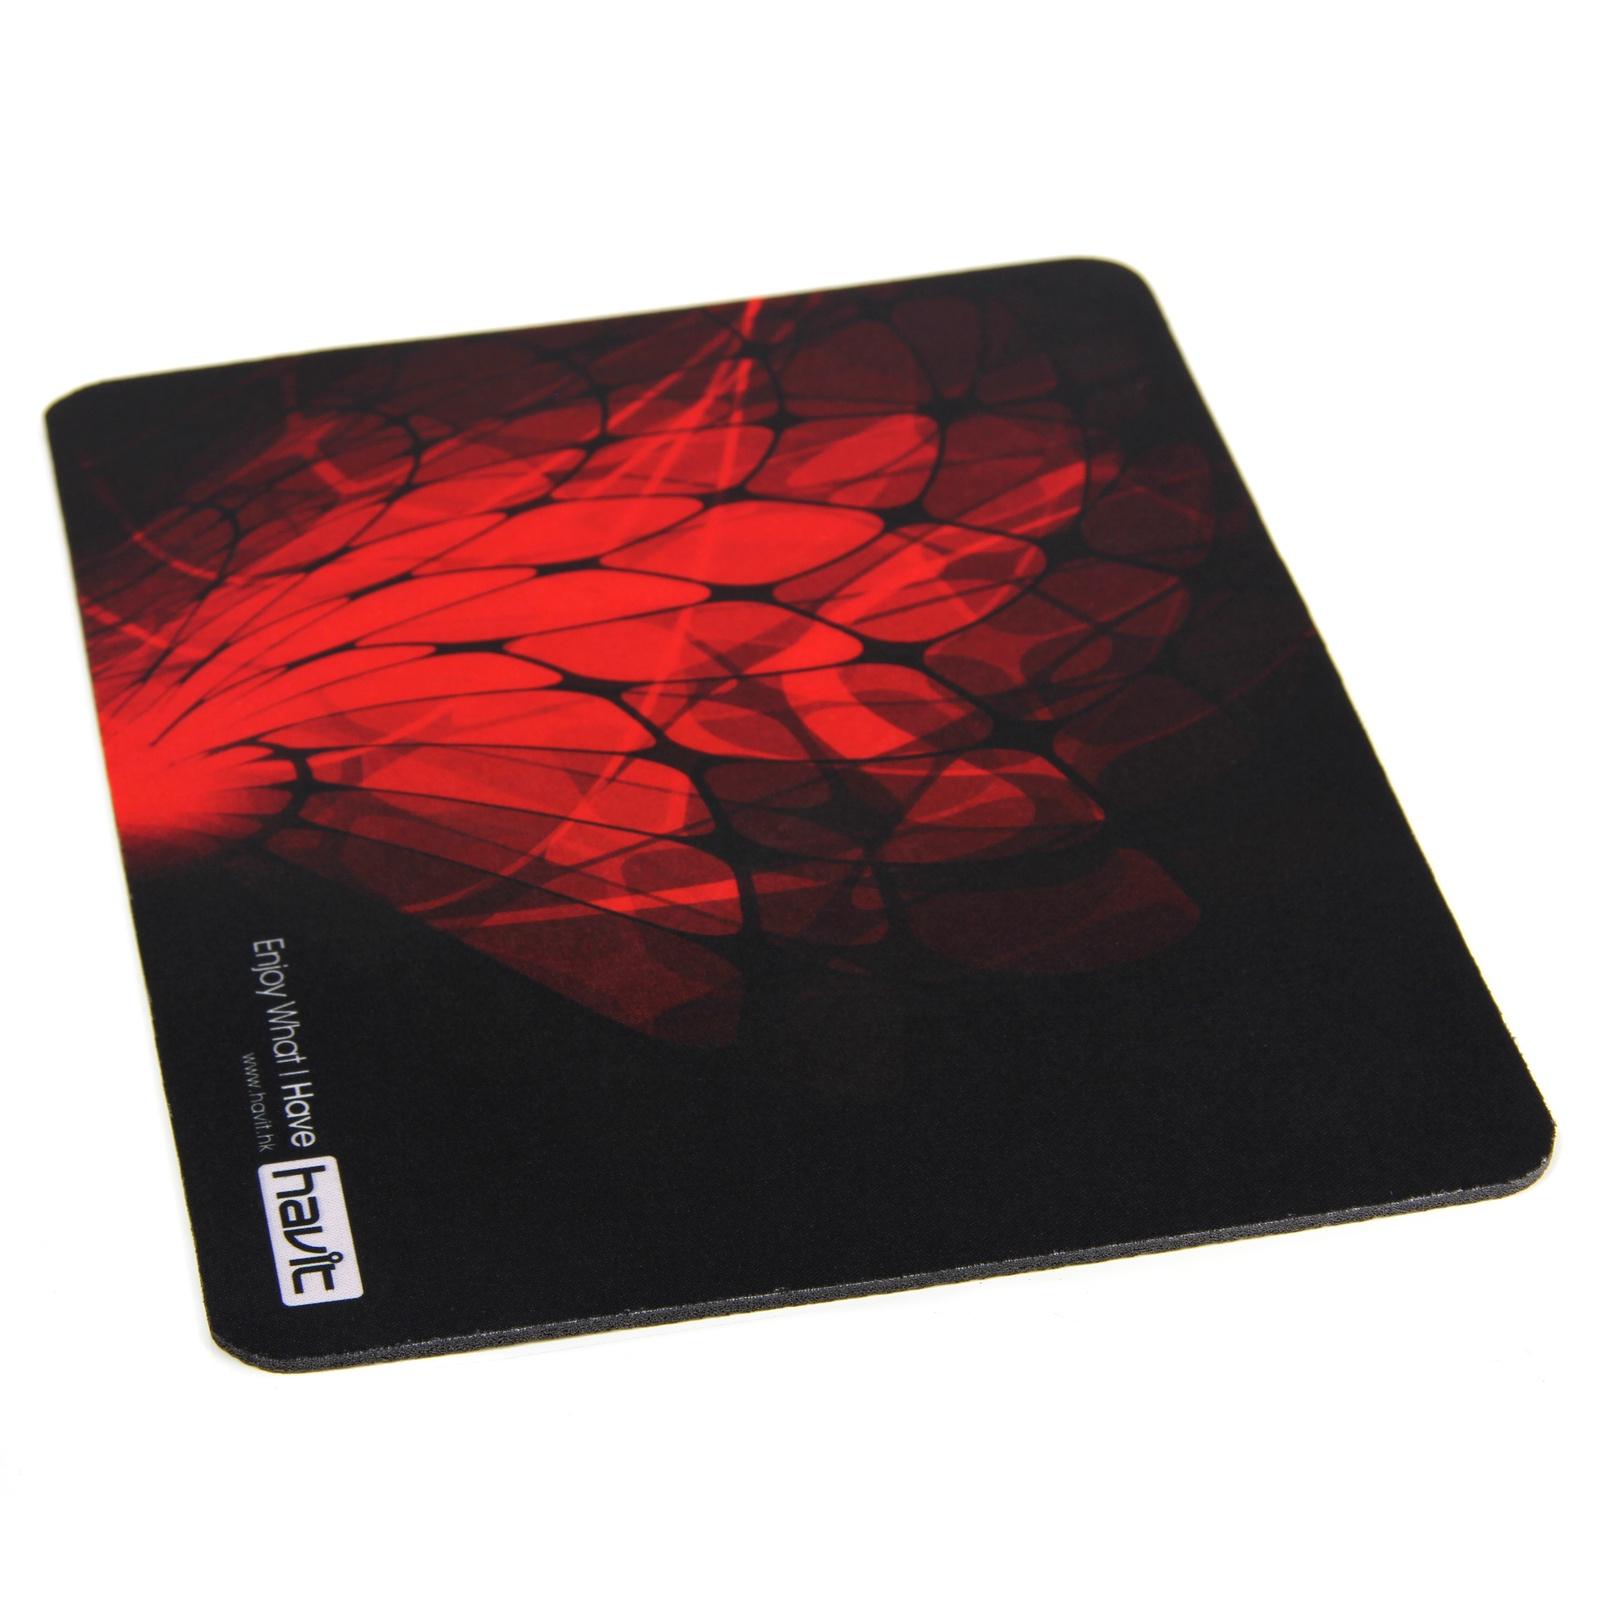 Коврик для мыши Havit HV-MP808, черный, красный